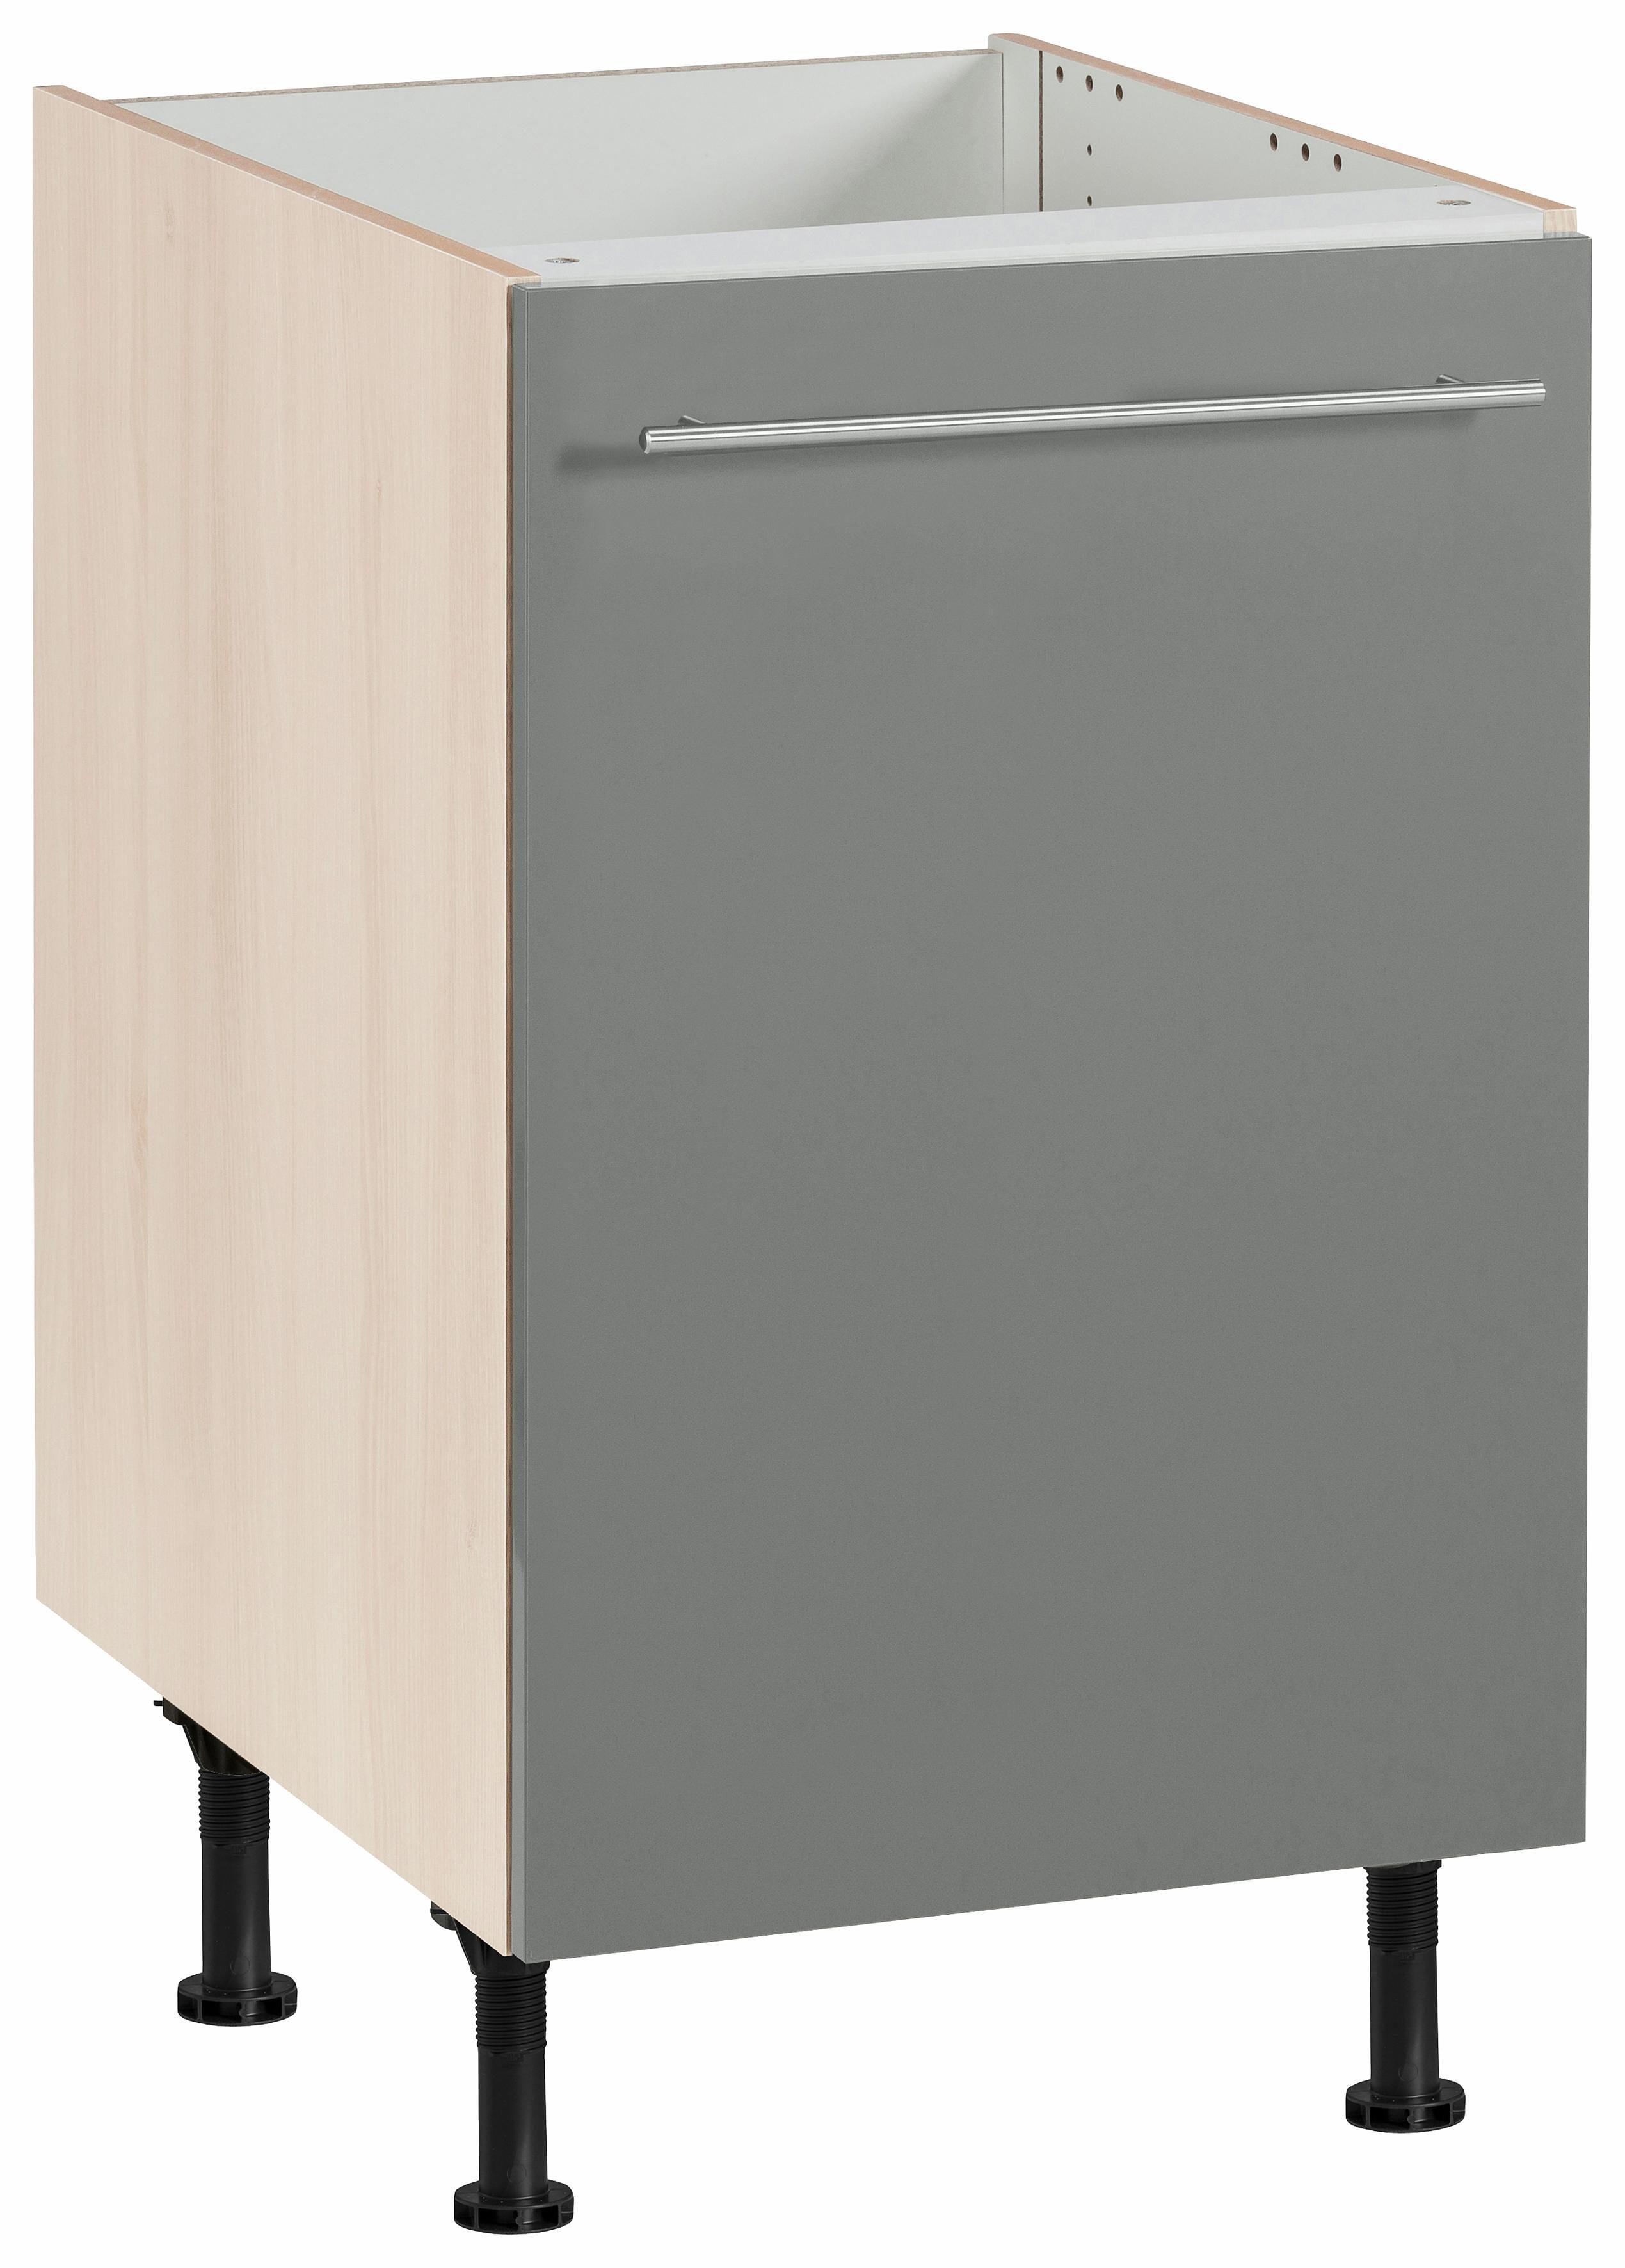 OPTIFIT Spülenschrank Bern | Küche und Esszimmer > Küchenschränke > Spülenschränke | Optifit